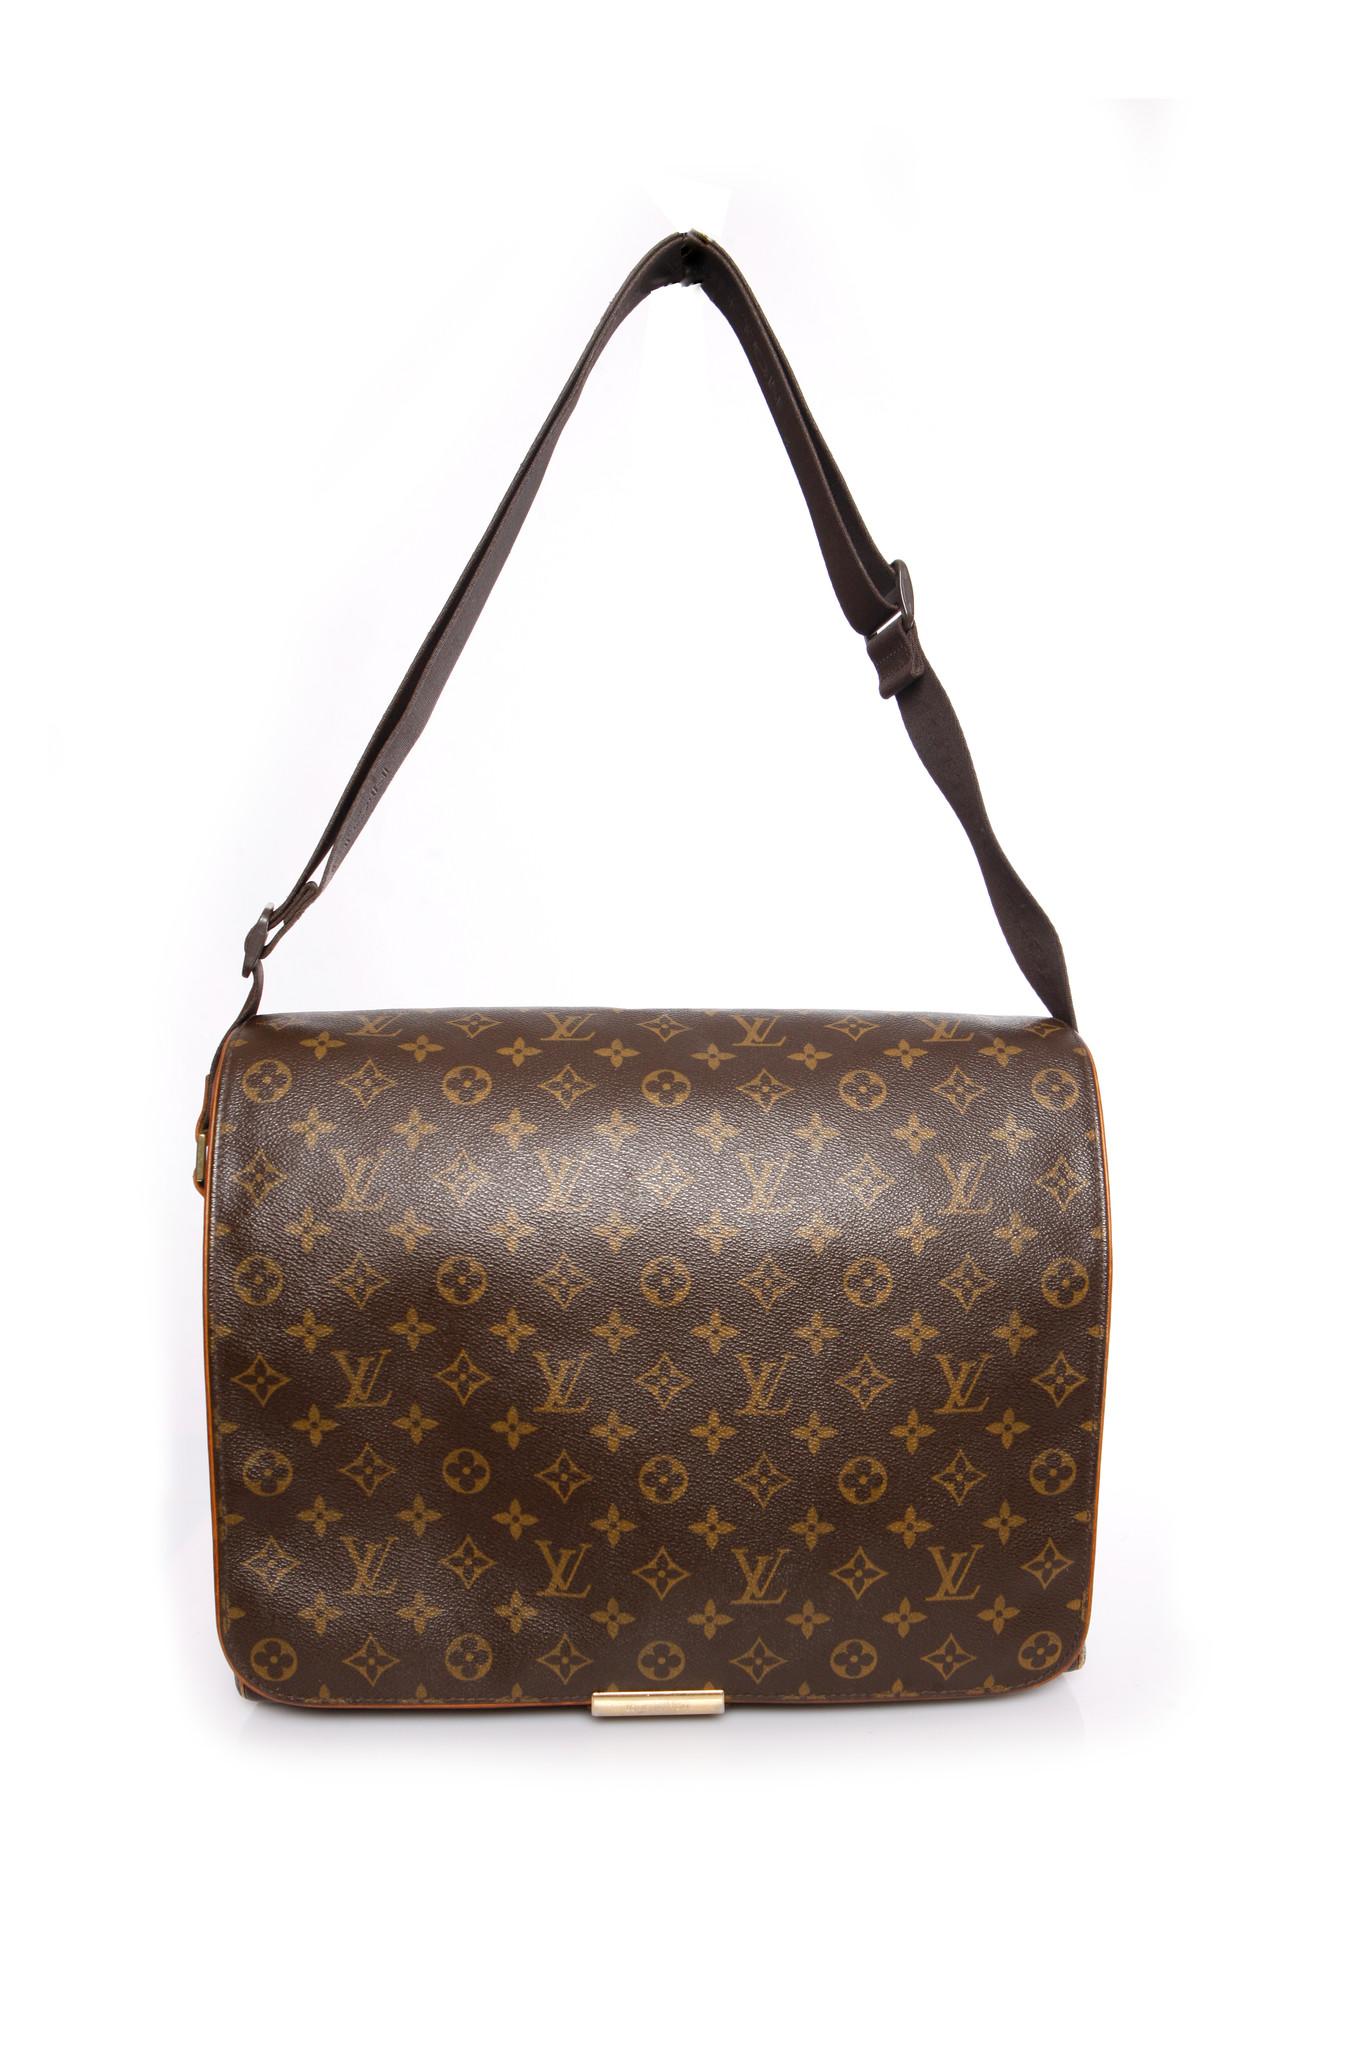 Ongekend Louis Vuitton, Brown monogram canvas messenger bag. - Unique WB-34